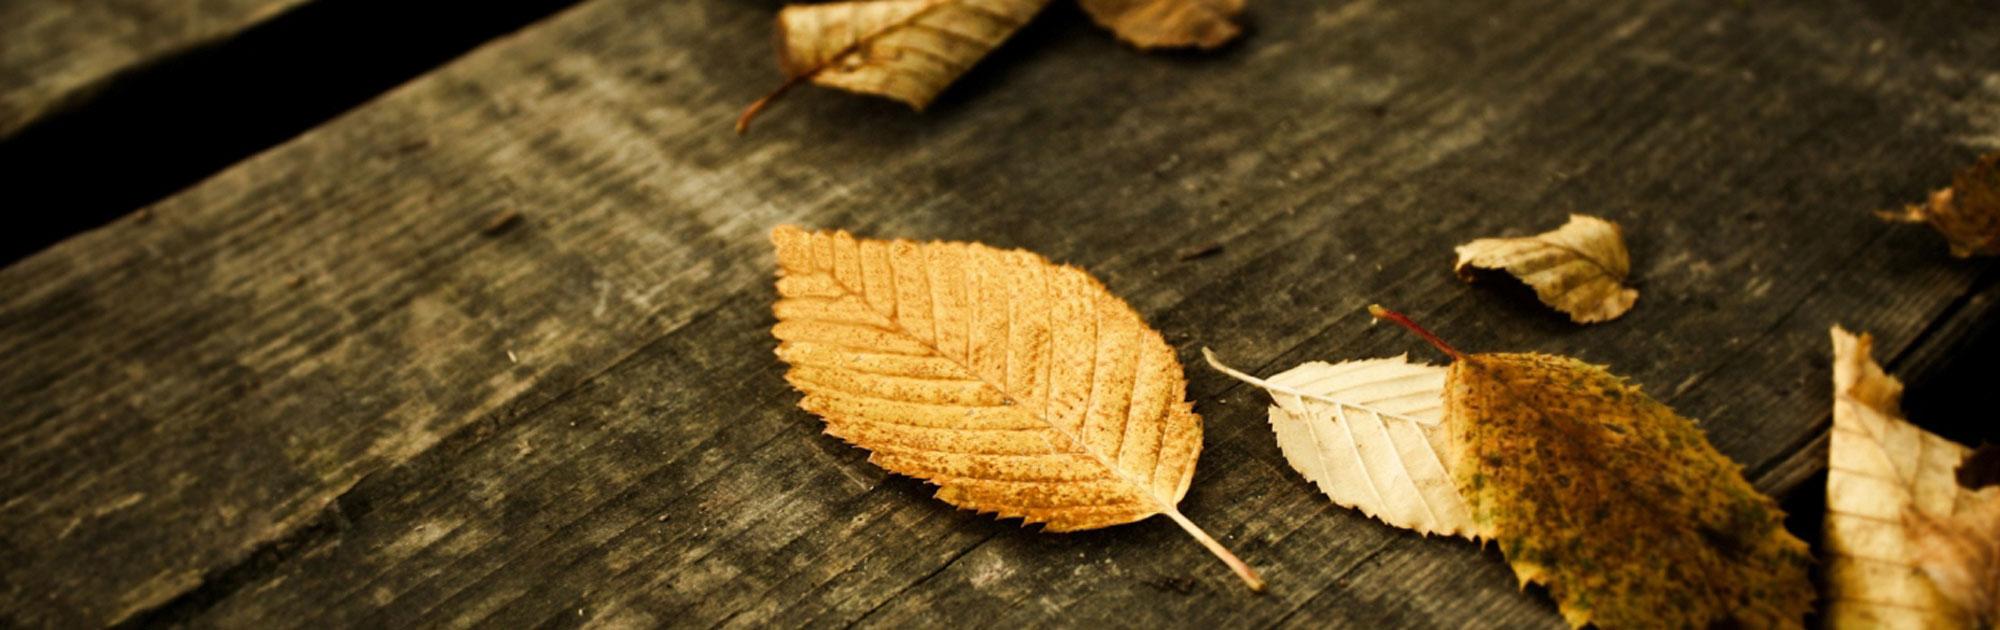 vn_slider_autumn2